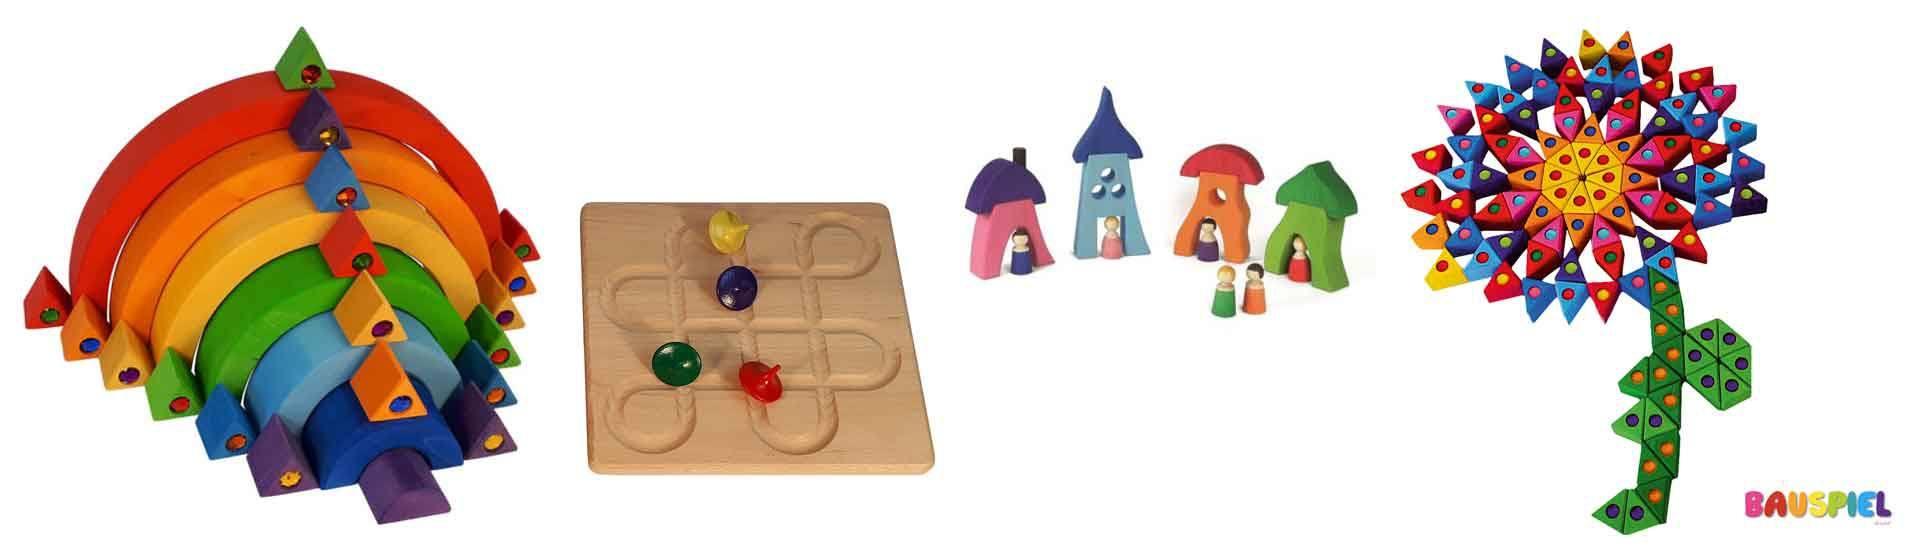 Gamme de jeux libre en bois fabrication Allemagne Bauspiel